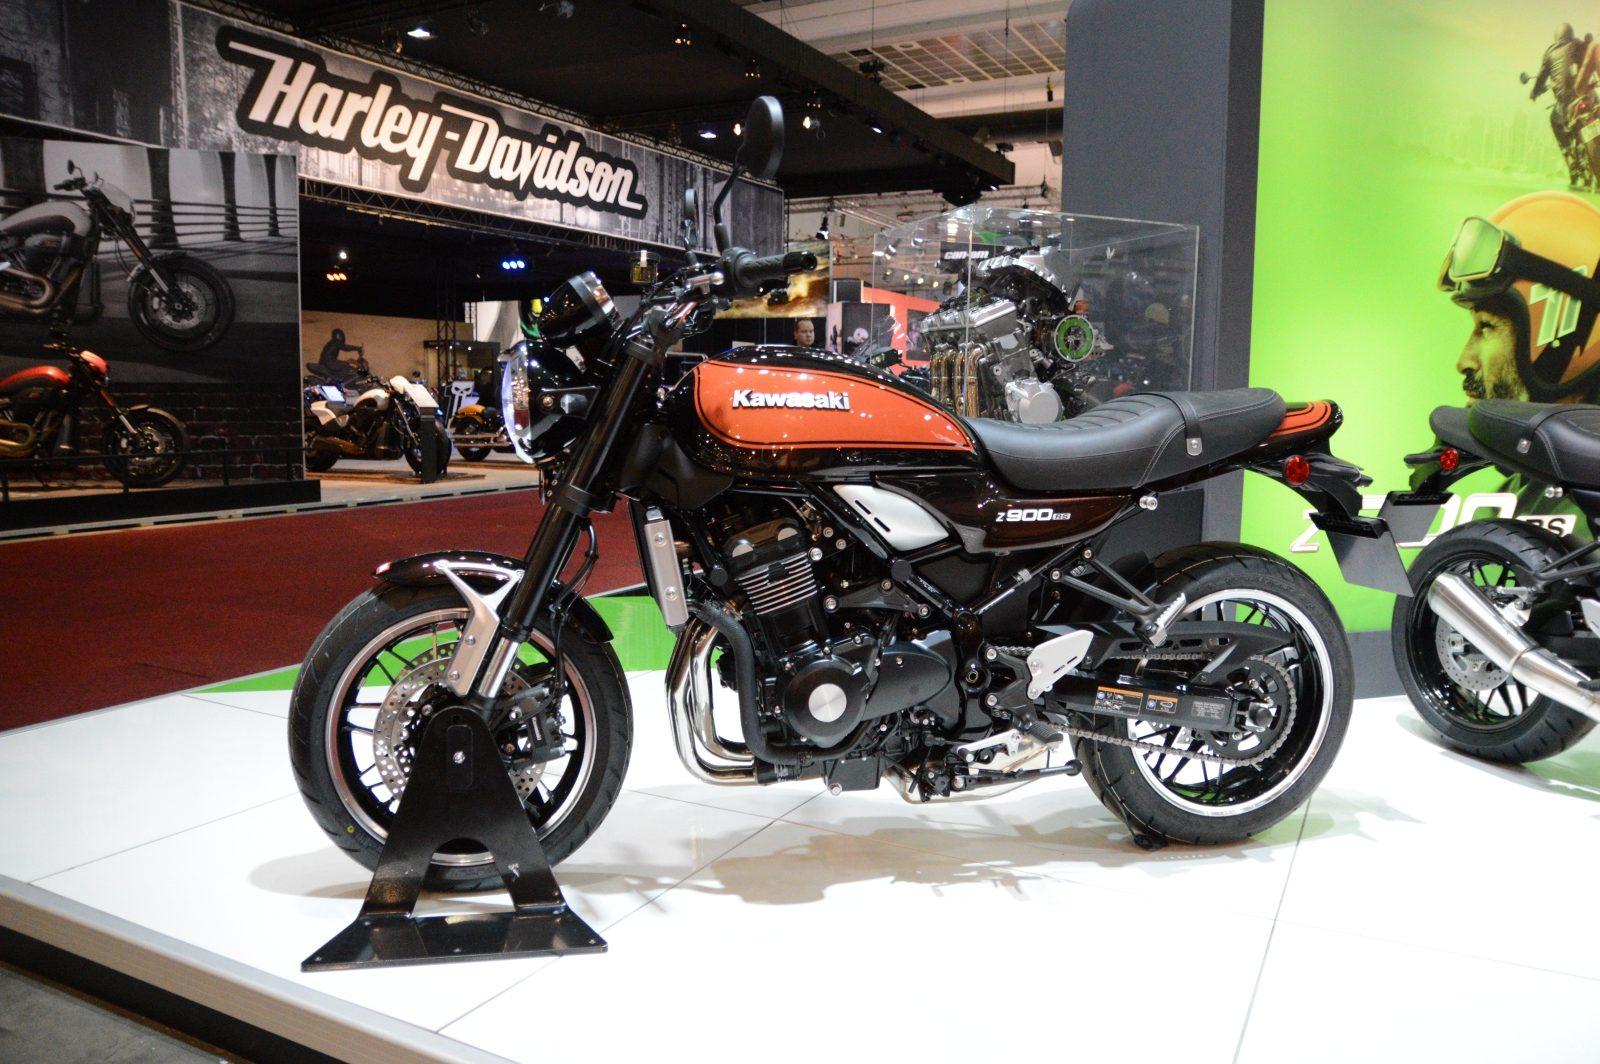 Veringupdate voor Kawasaki Versys 1000 SE 2021